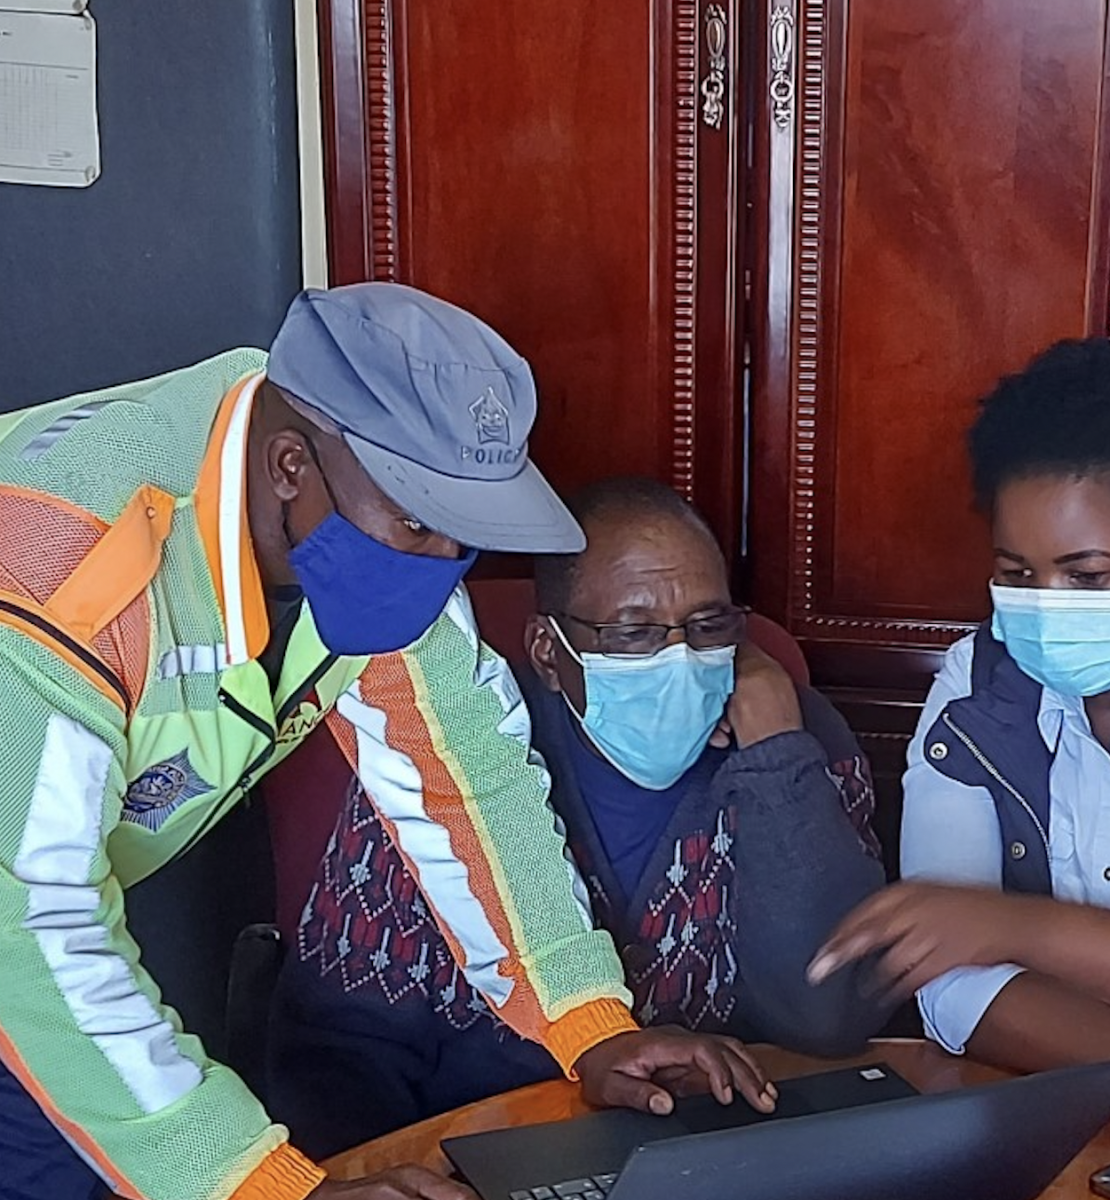 Un hombre con mascarilla y sombrero se inclina sobre dos personas para ayudarles en una computadora.